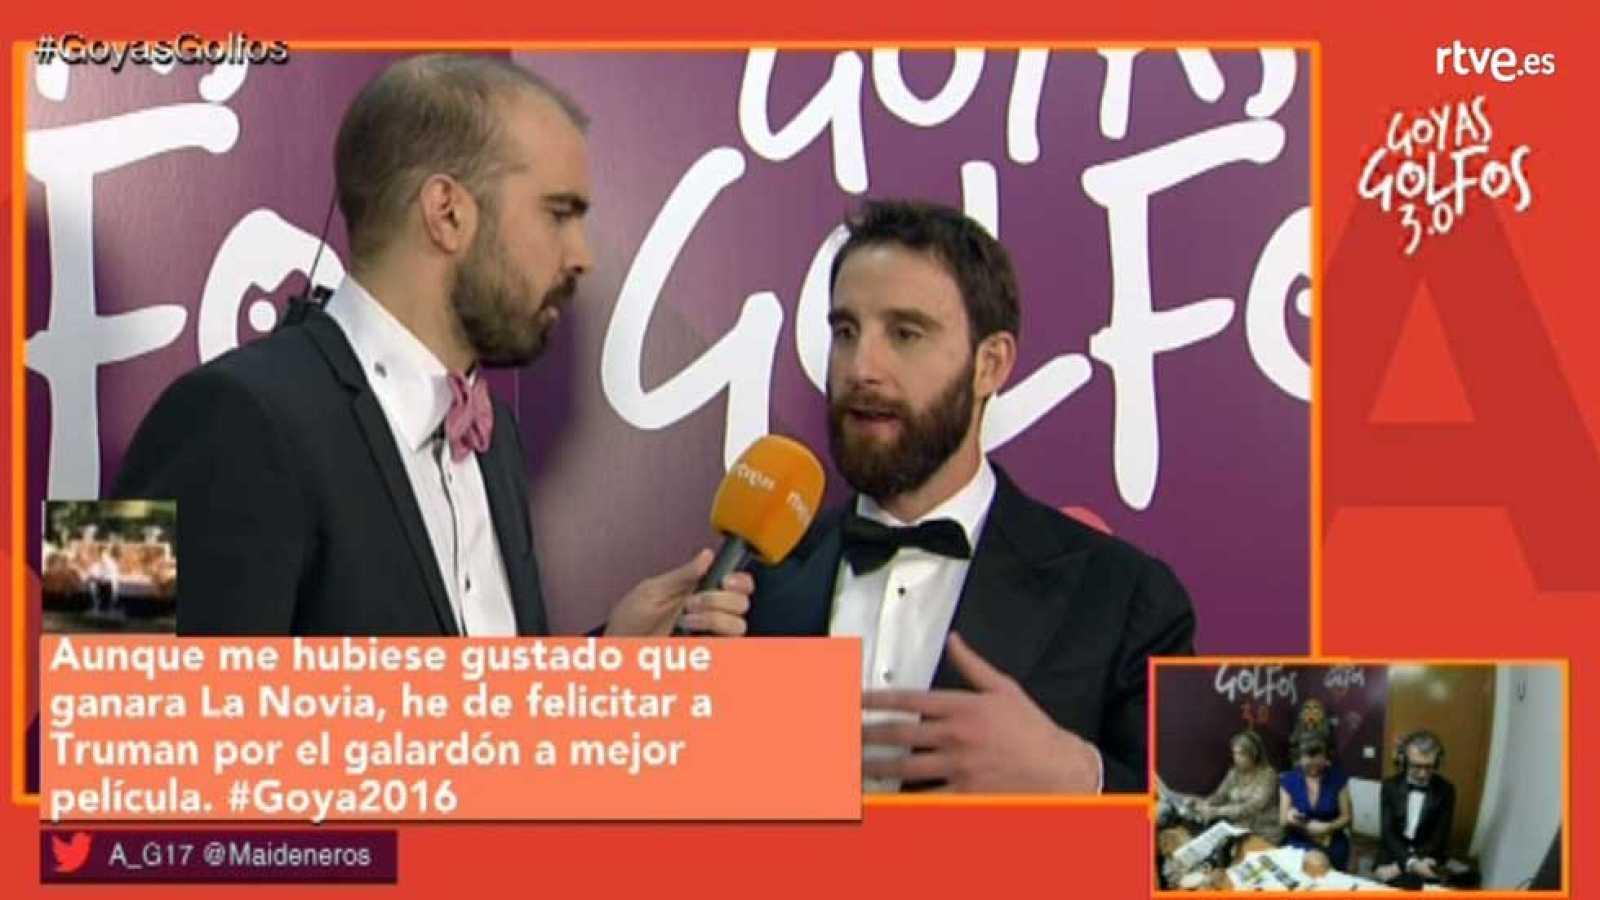 Llega lo más emocionante de la ceremonia, con el fallo de los principales premios y las entrevistas más irreverentes de Agustín Alonson desde el backstage.